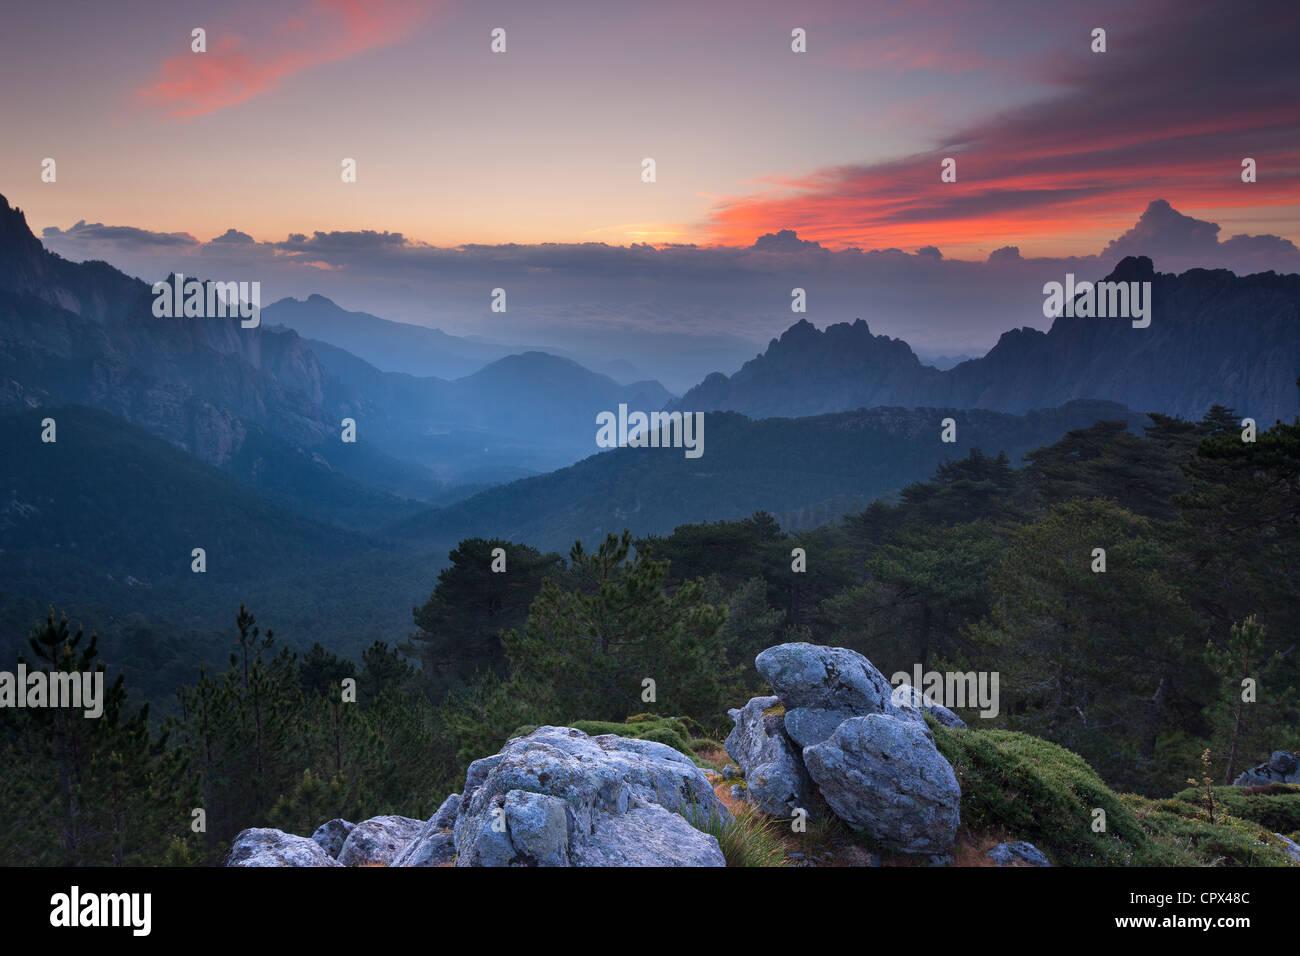 Le Col de Bavella à l'aube, des montagnes de Bavella, Corse, France Banque D'Images